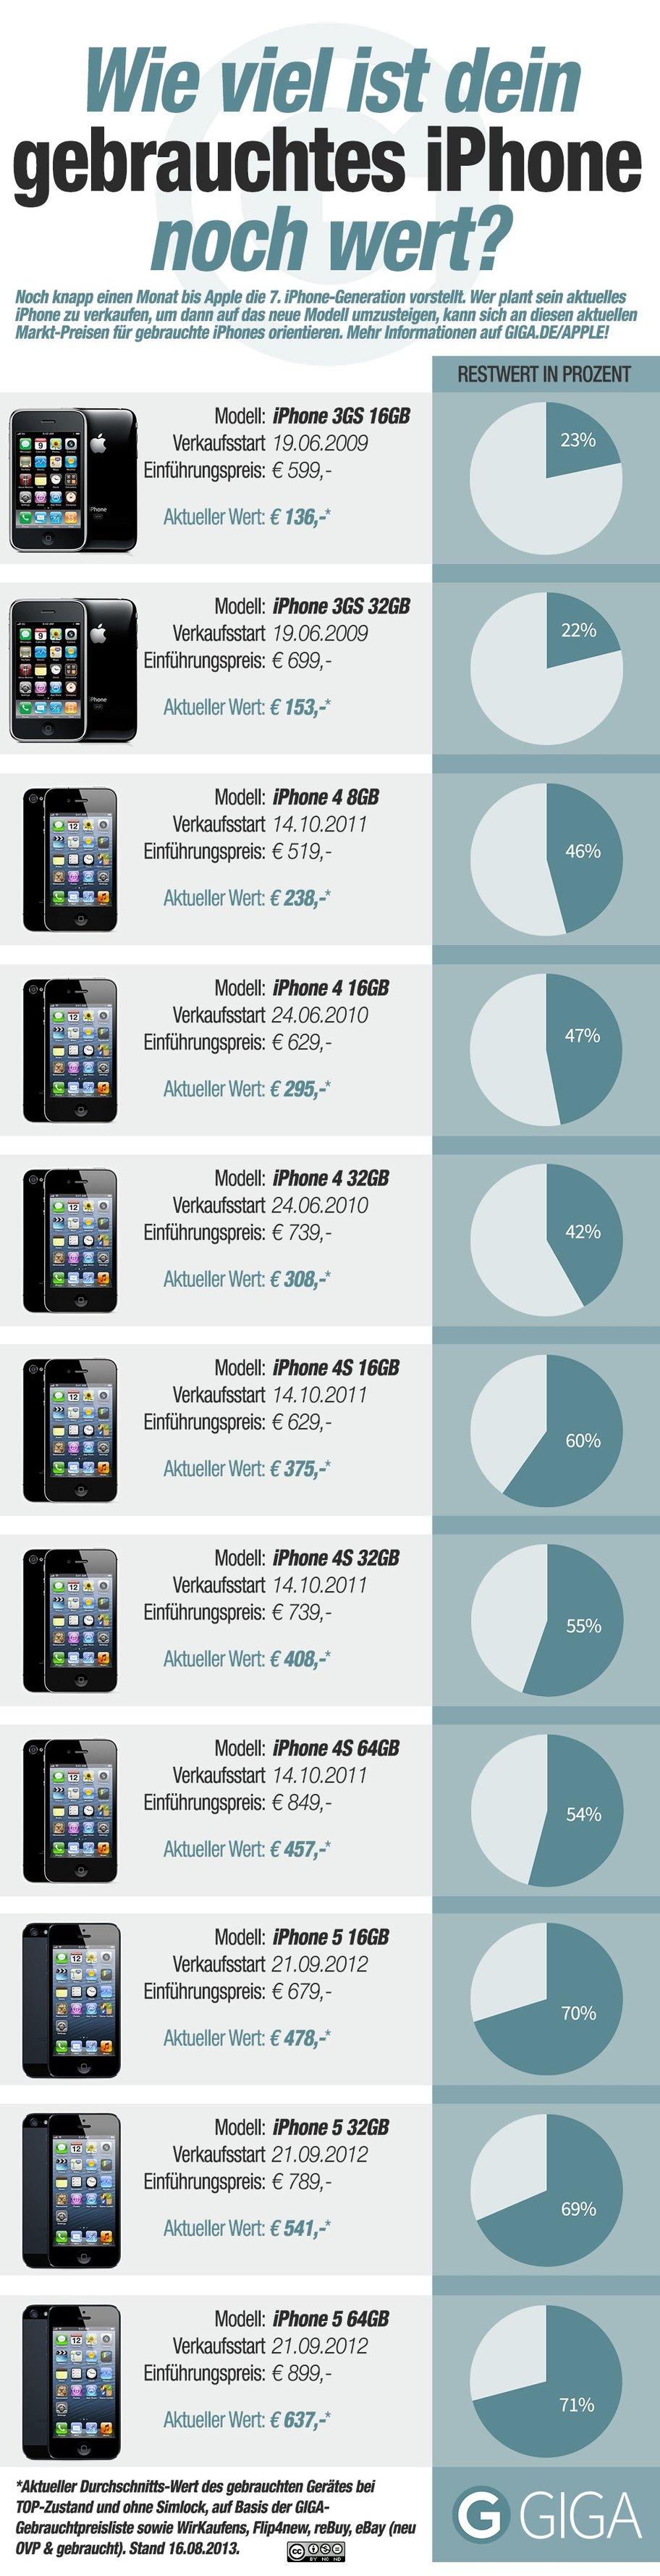 Wie viel ist mein iPhone noch wert?